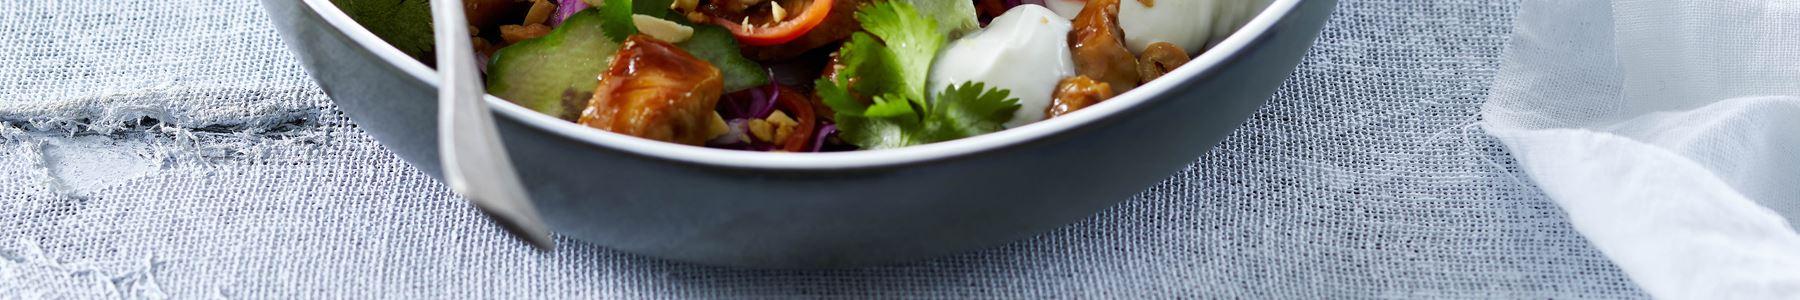 Ingefær + Salater + Spidskål